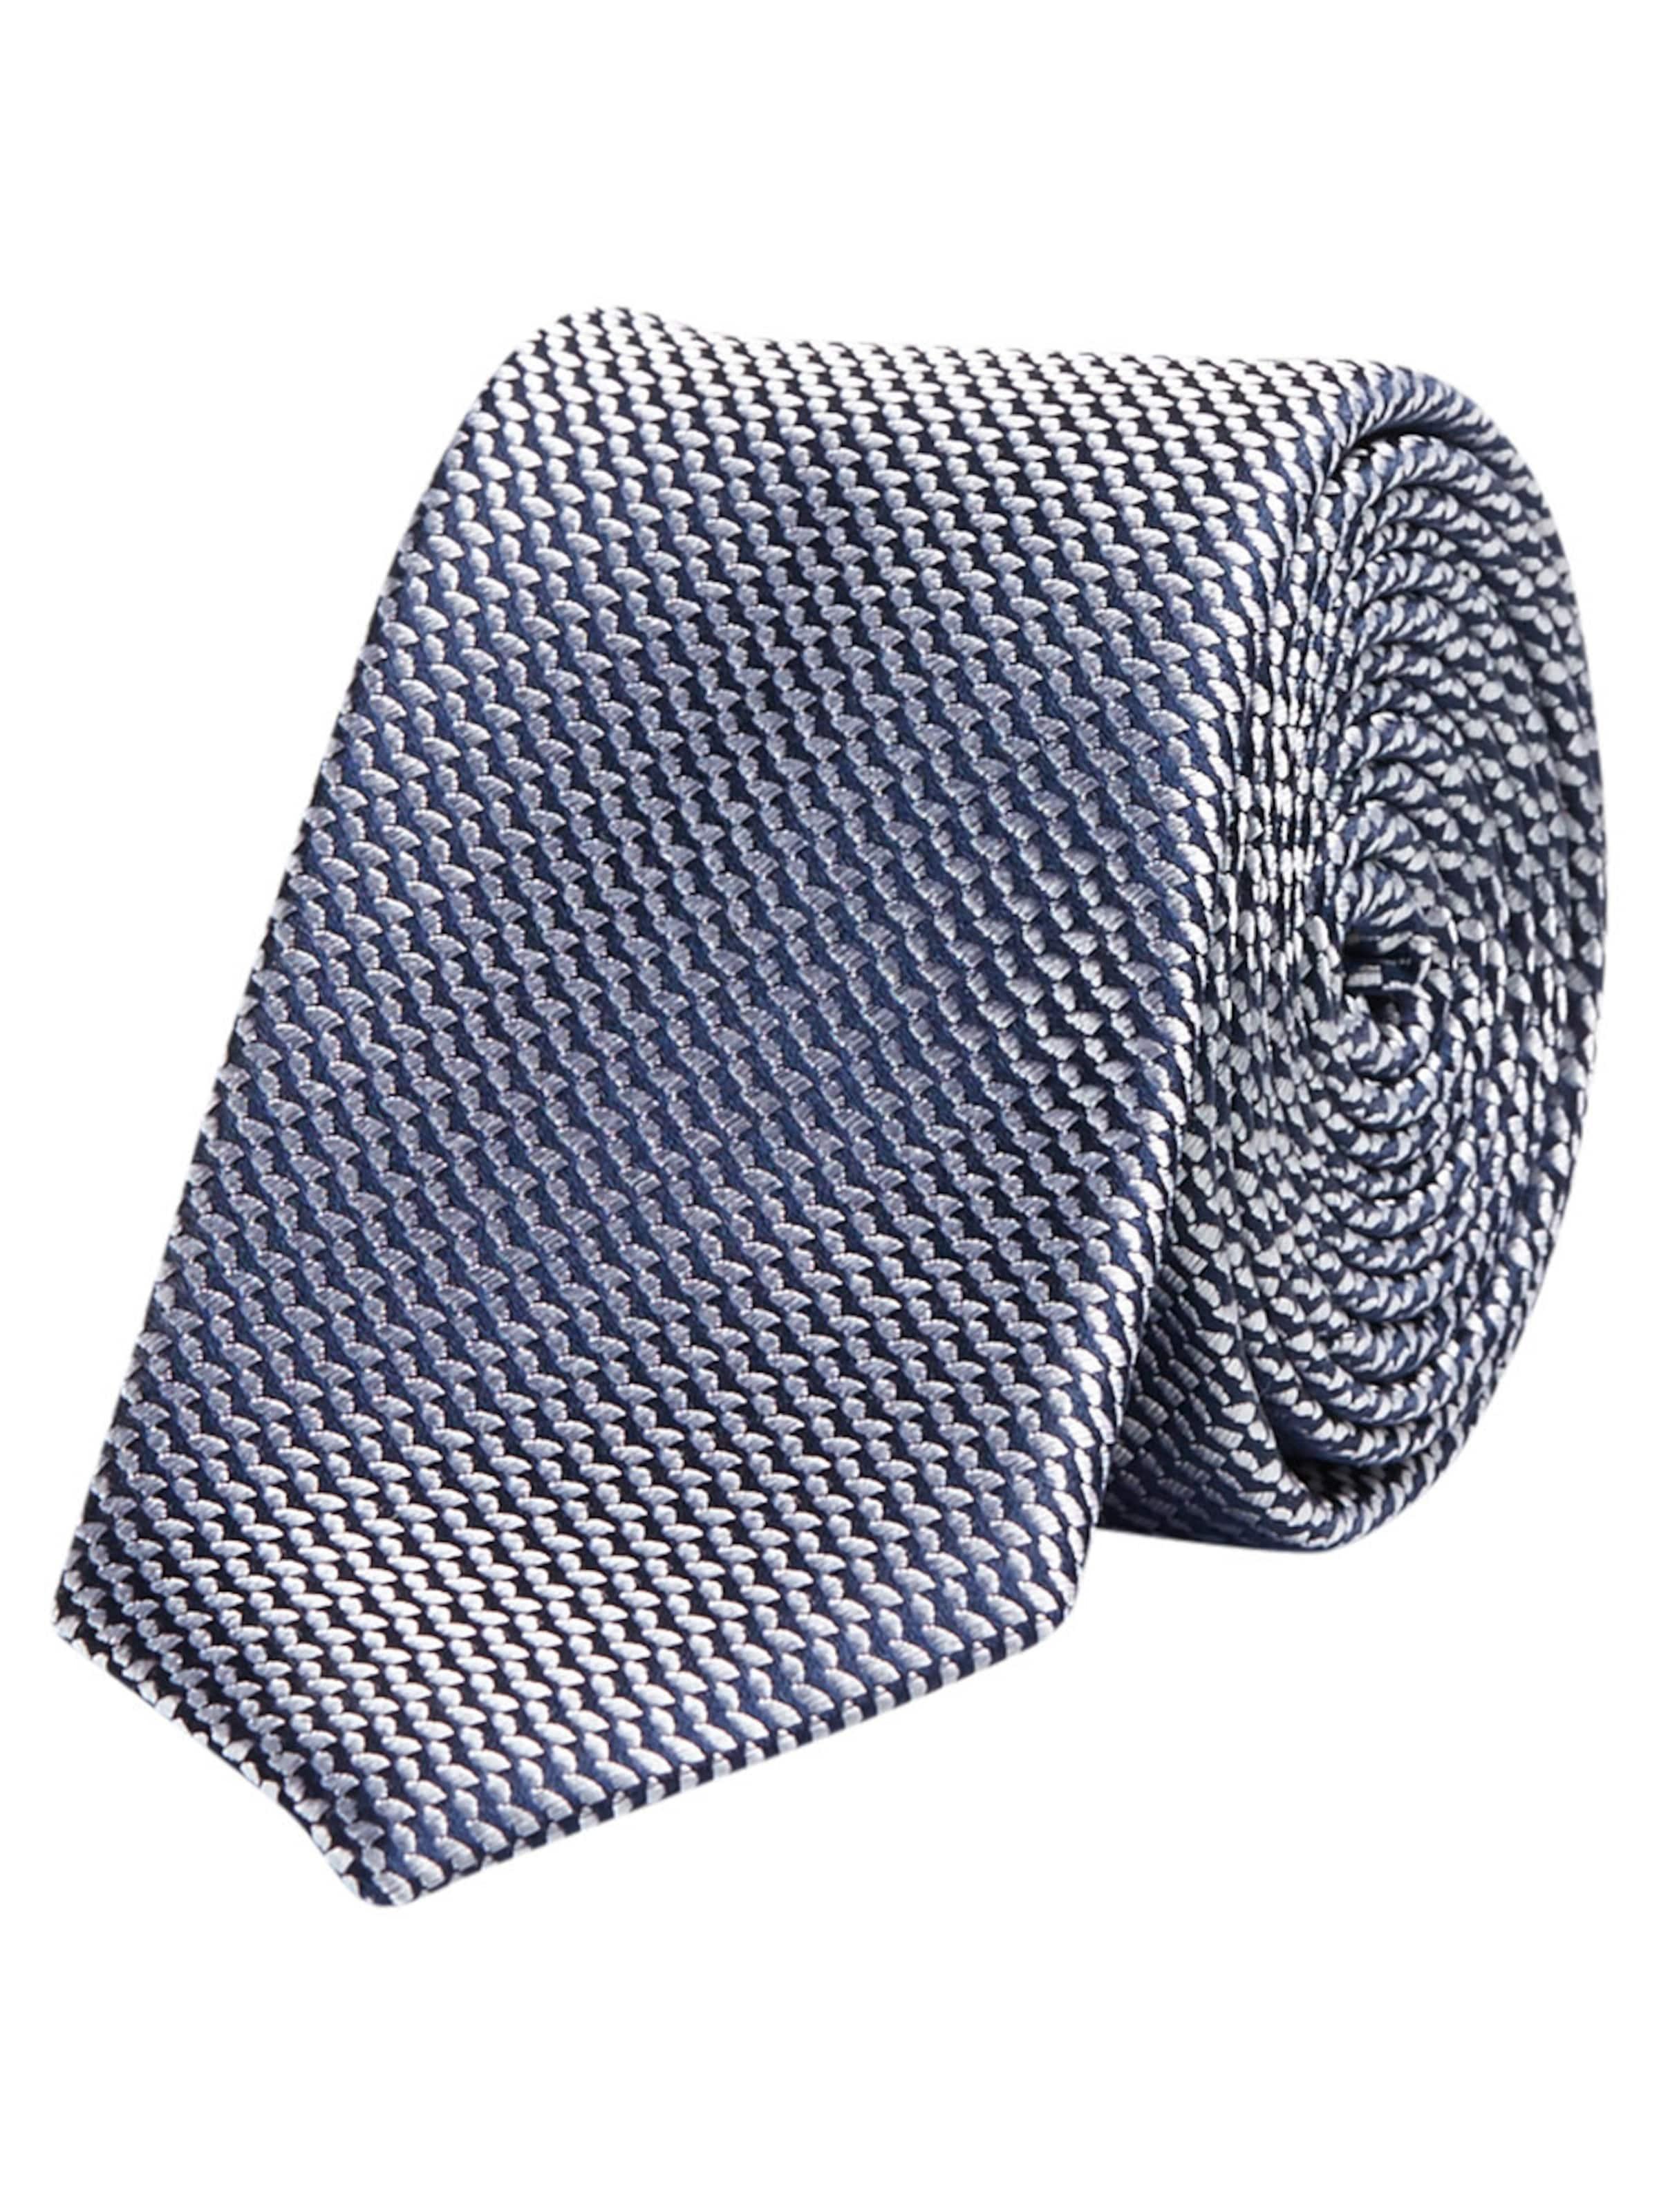 Günstig Kaufen Amazon Suche Nach Online JACK & JONES Klassische Krawatte Rabatt Sehr Billig Neueste Online Günstig Kaufen Empfehlen gFz5Bh